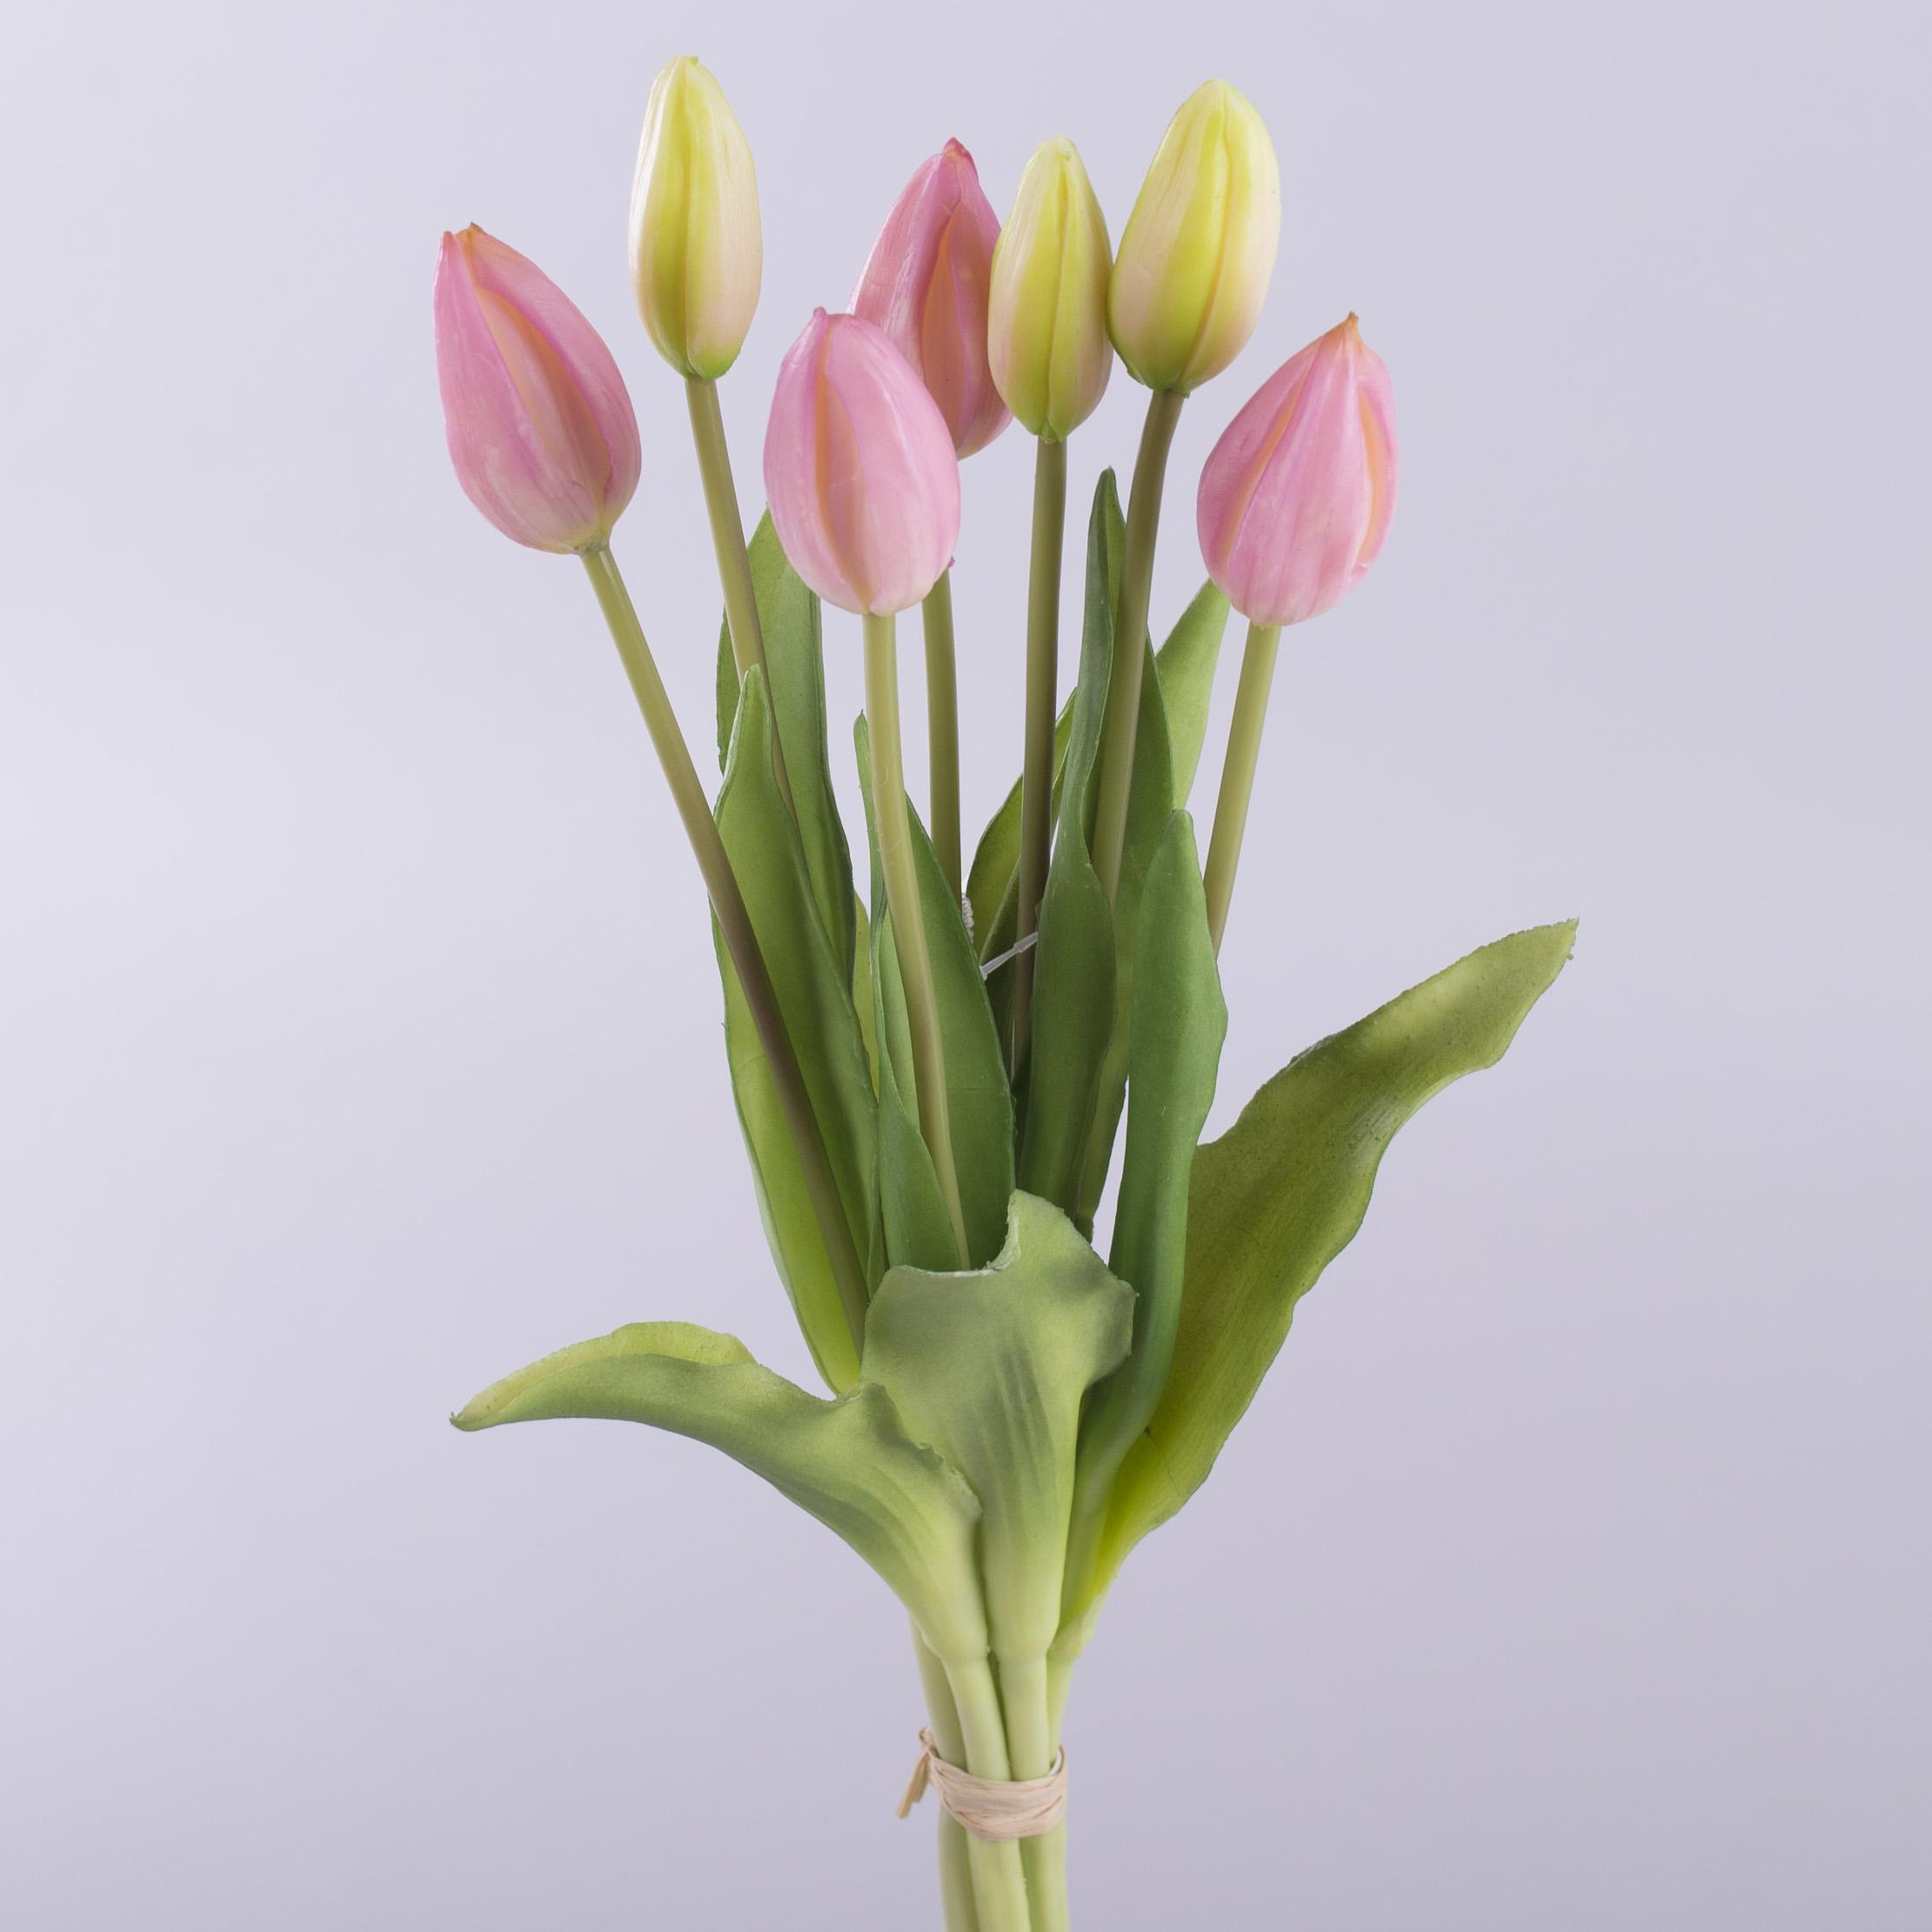 букет тюльпанов латекс на 7 бутонов (розовый)